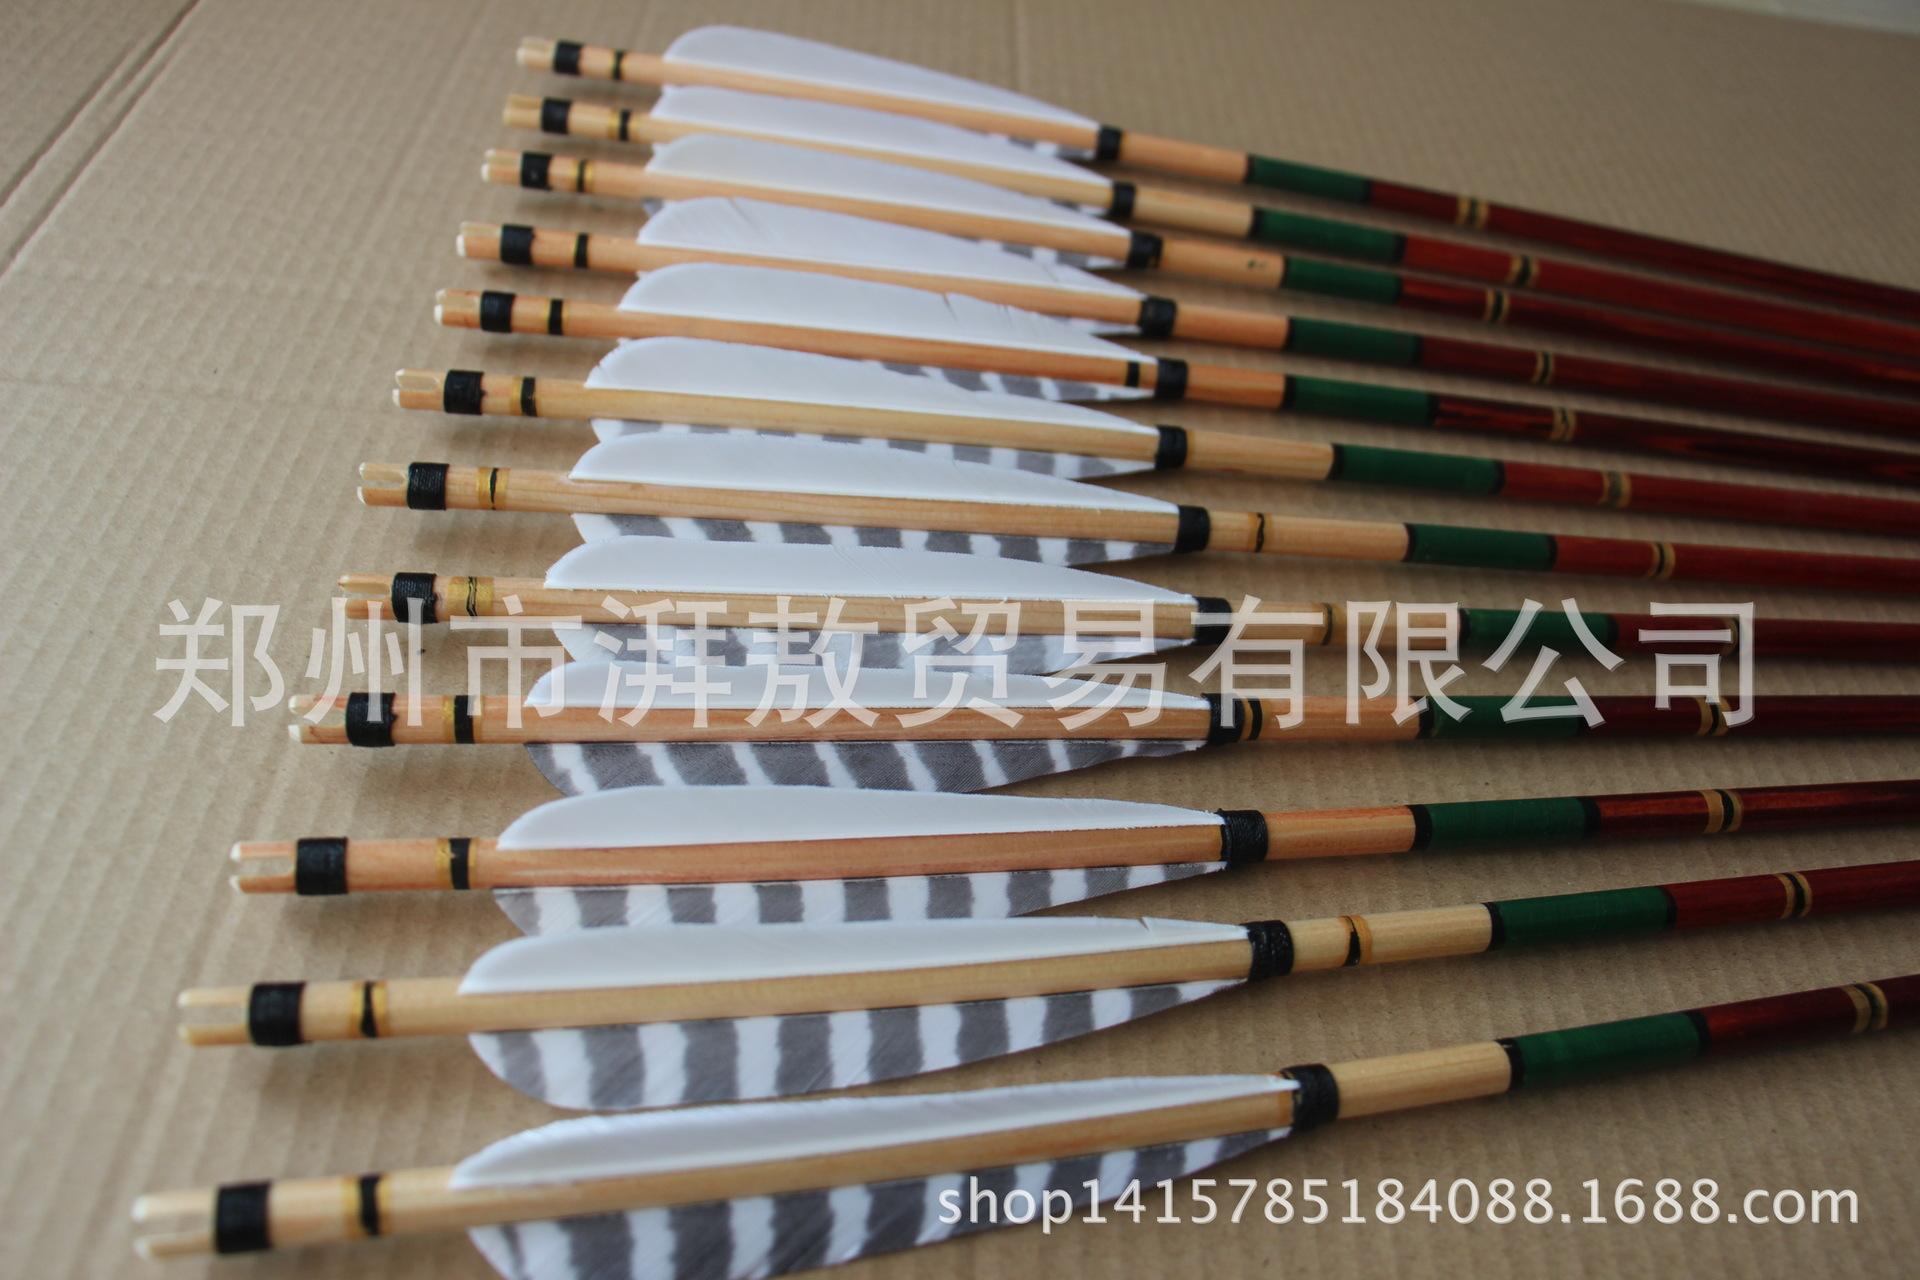 厂家直销 反曲弓通用红漆真羽斑马纹木箭